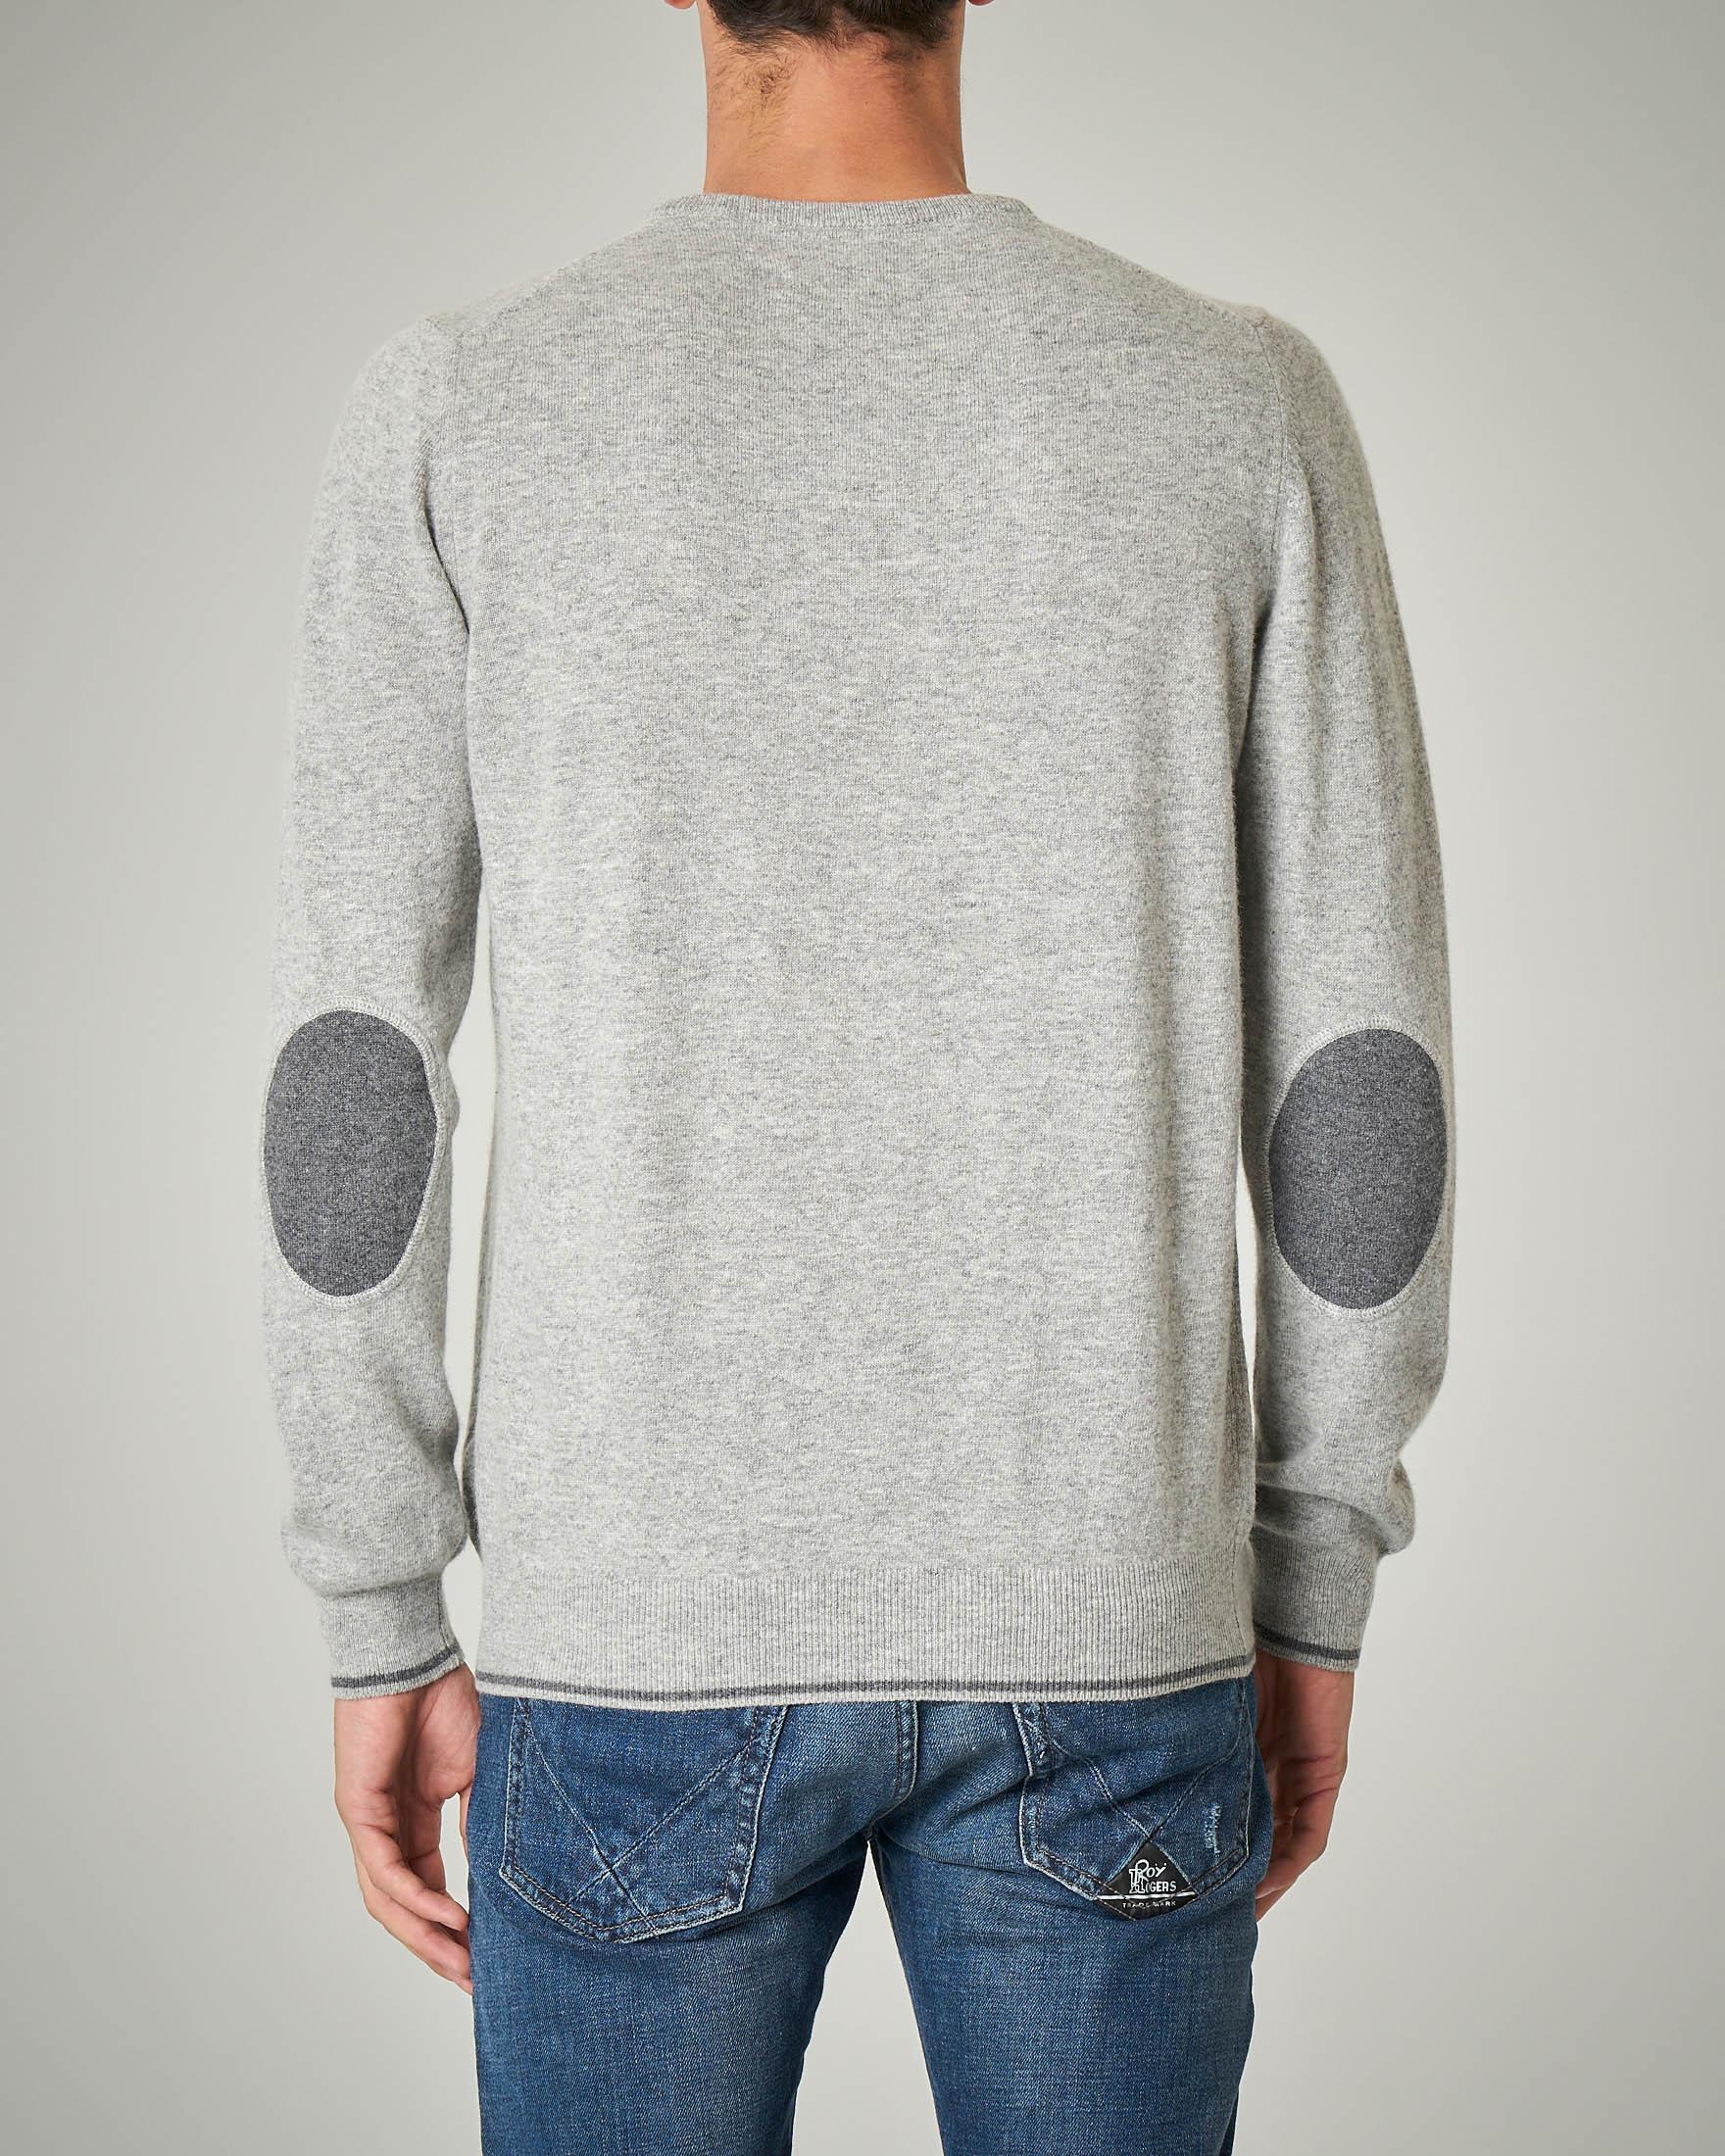 Maglia grigio chiaro girocollo con toppe grigio scuro in contrasto